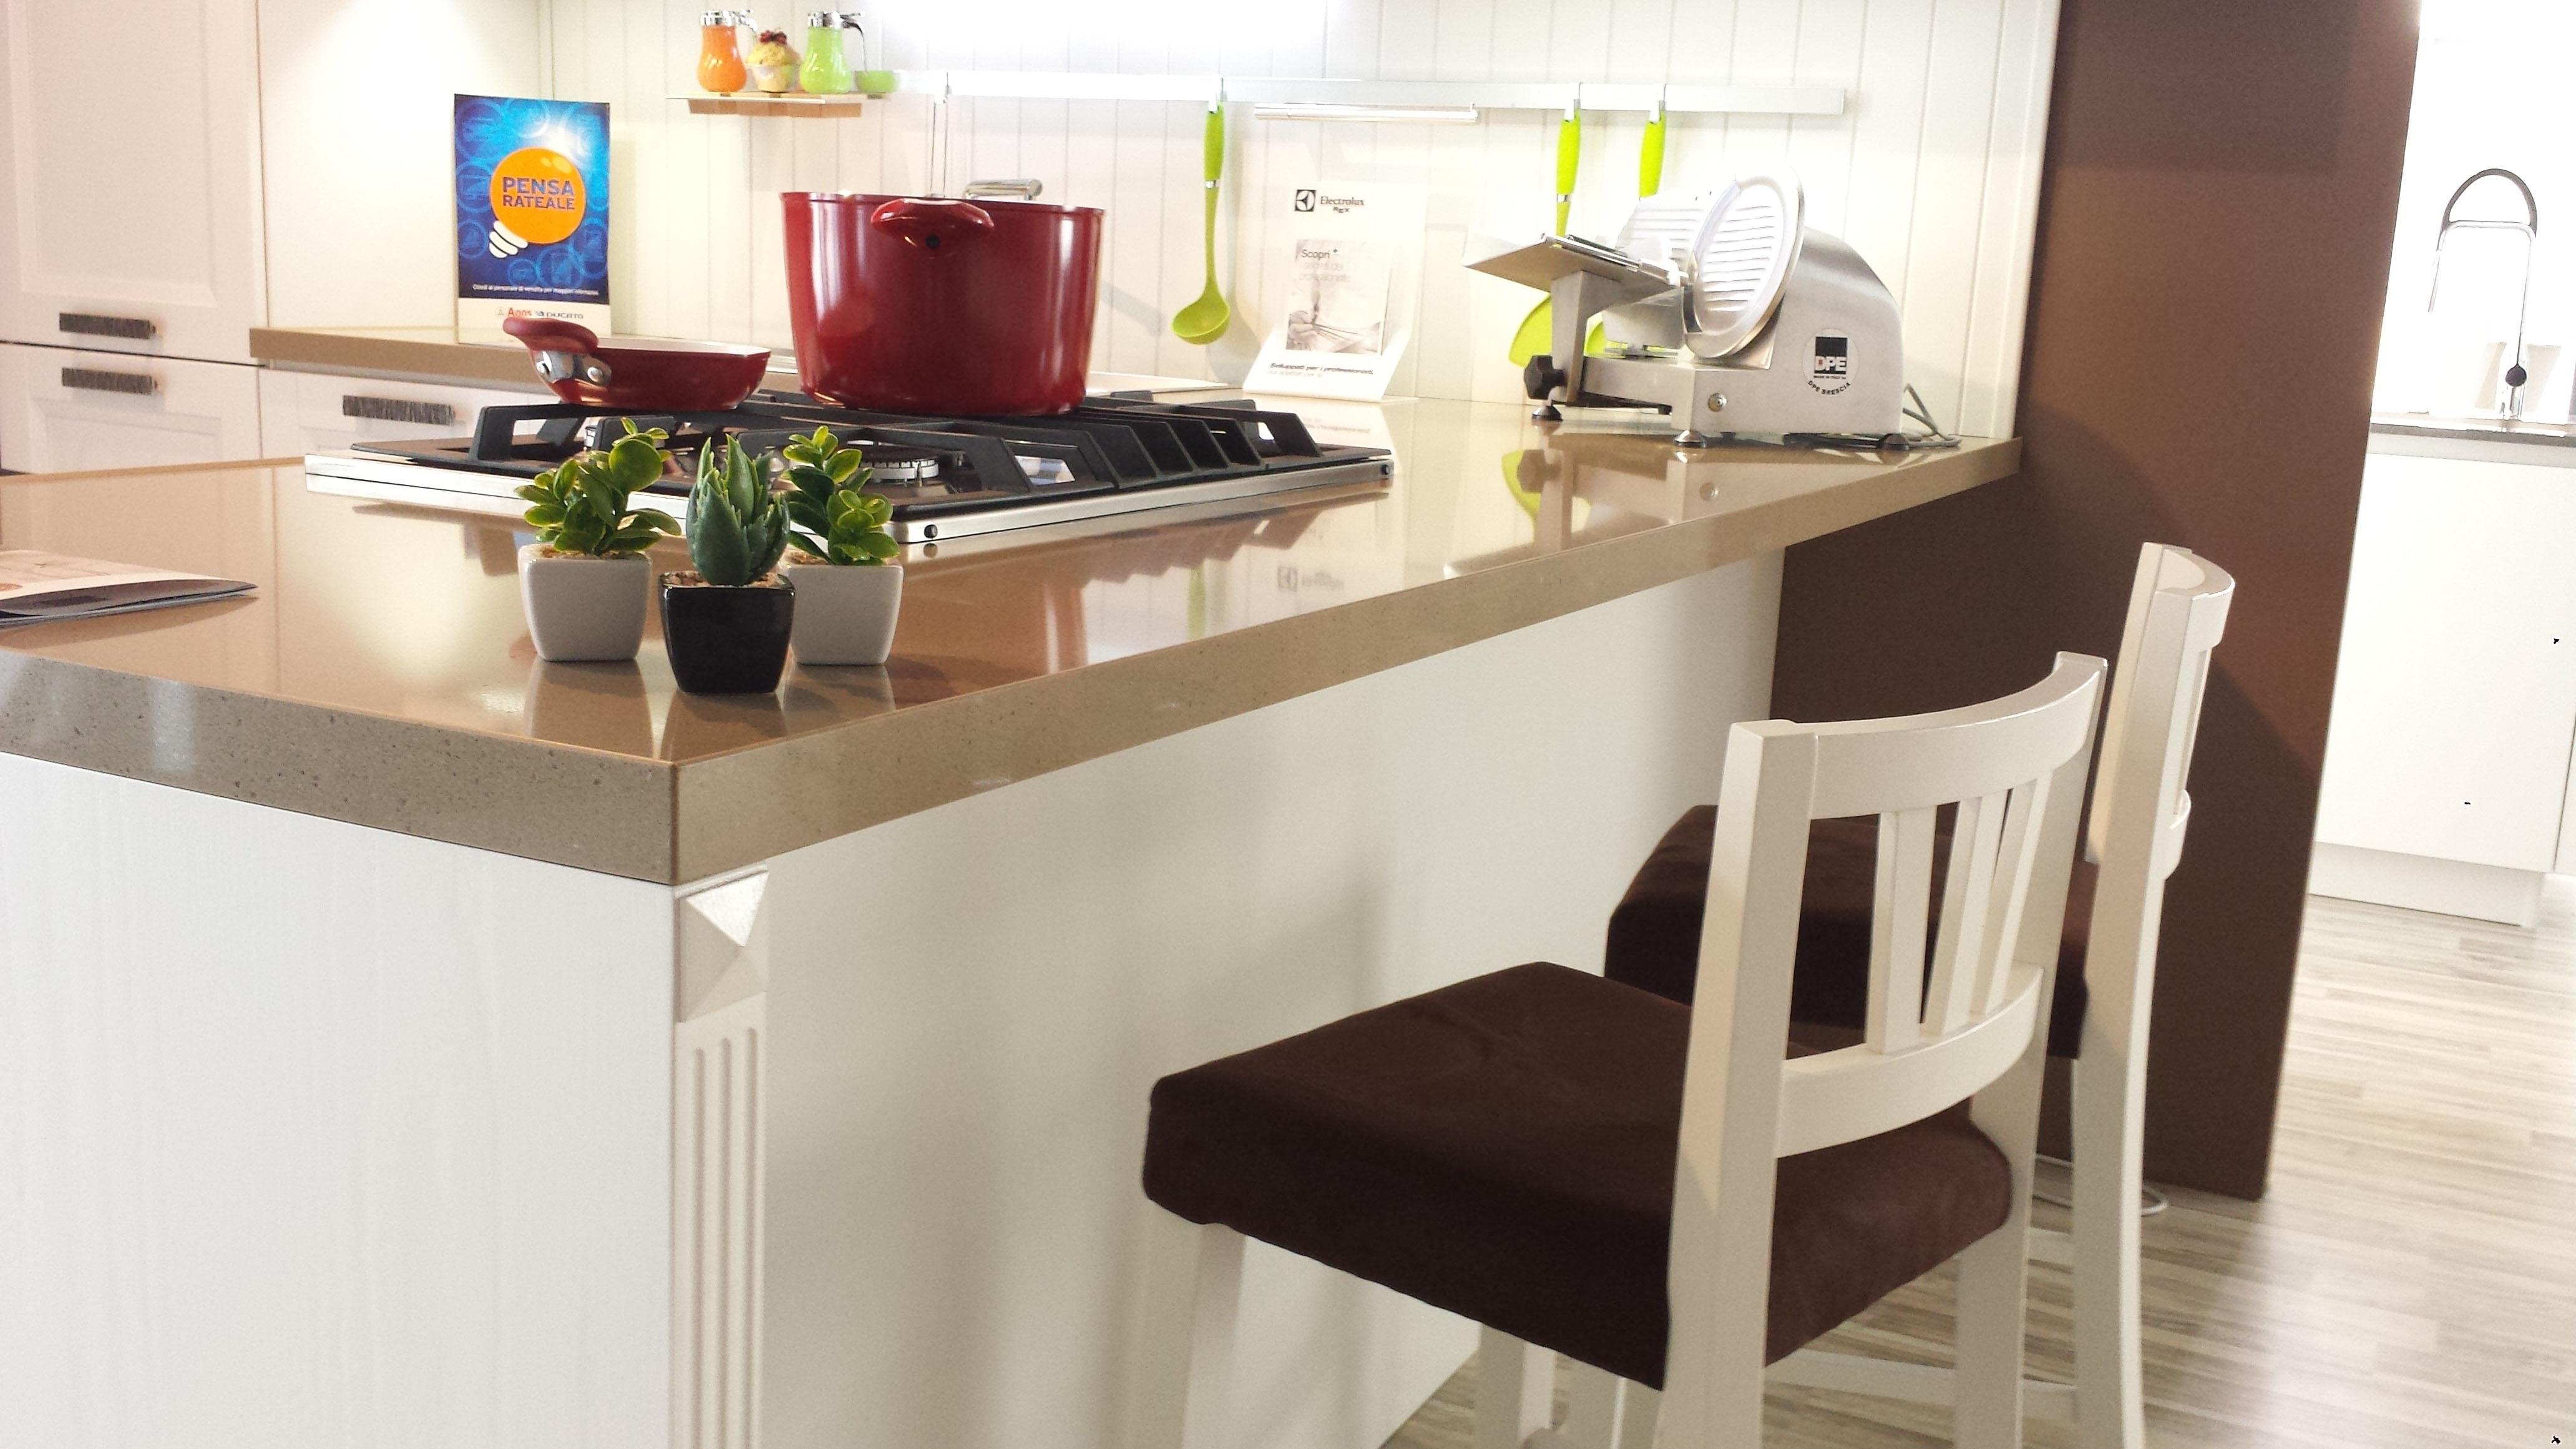 Cucina stosa beverly completa di elettrodomestici cucine - Disposizione elettrodomestici cucina ...